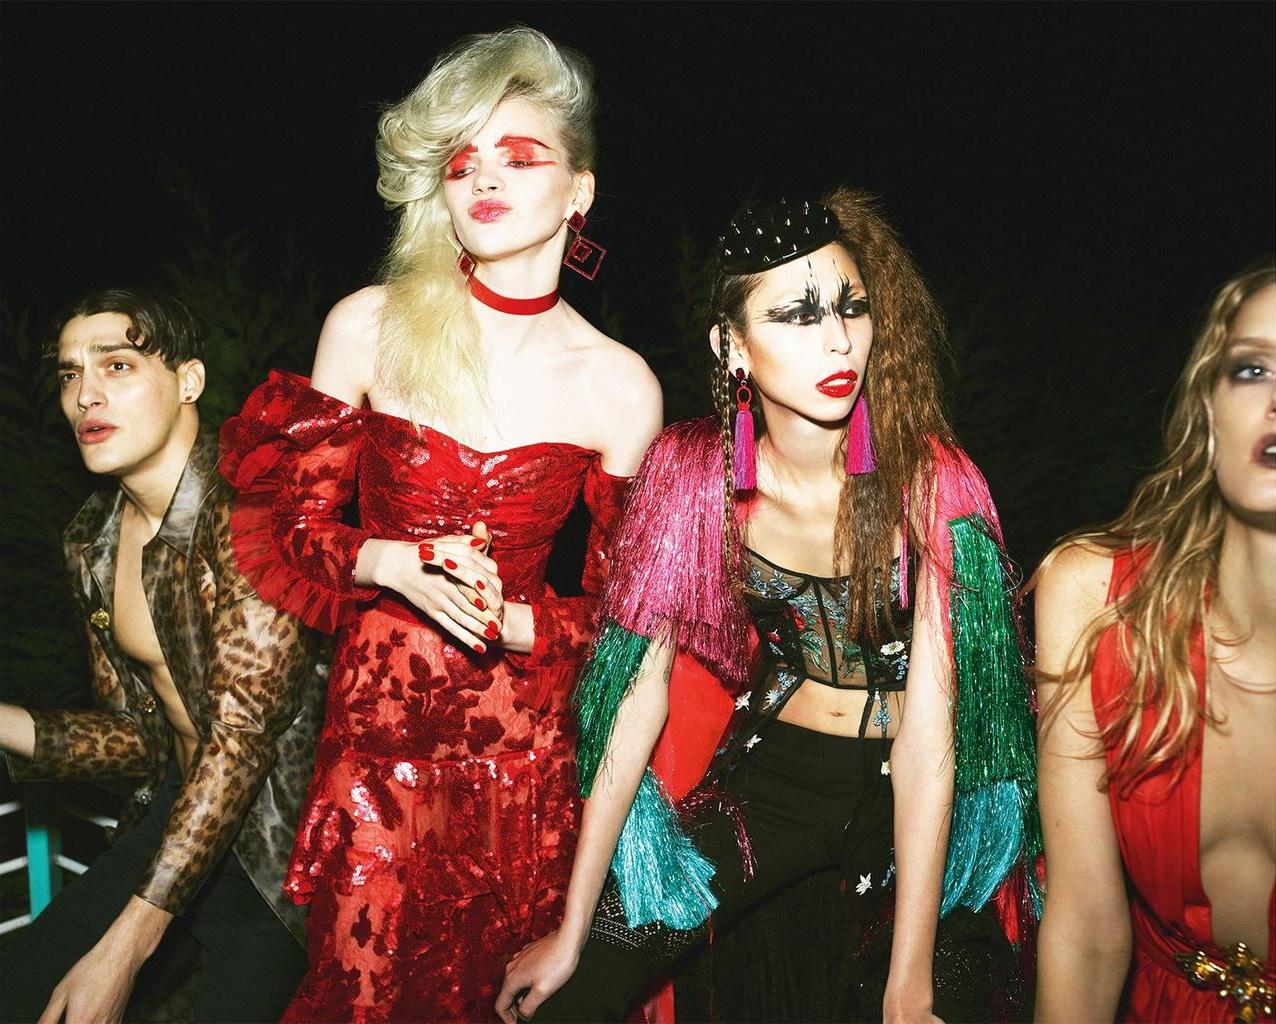 Las noches locas de Vogue UK, 2017